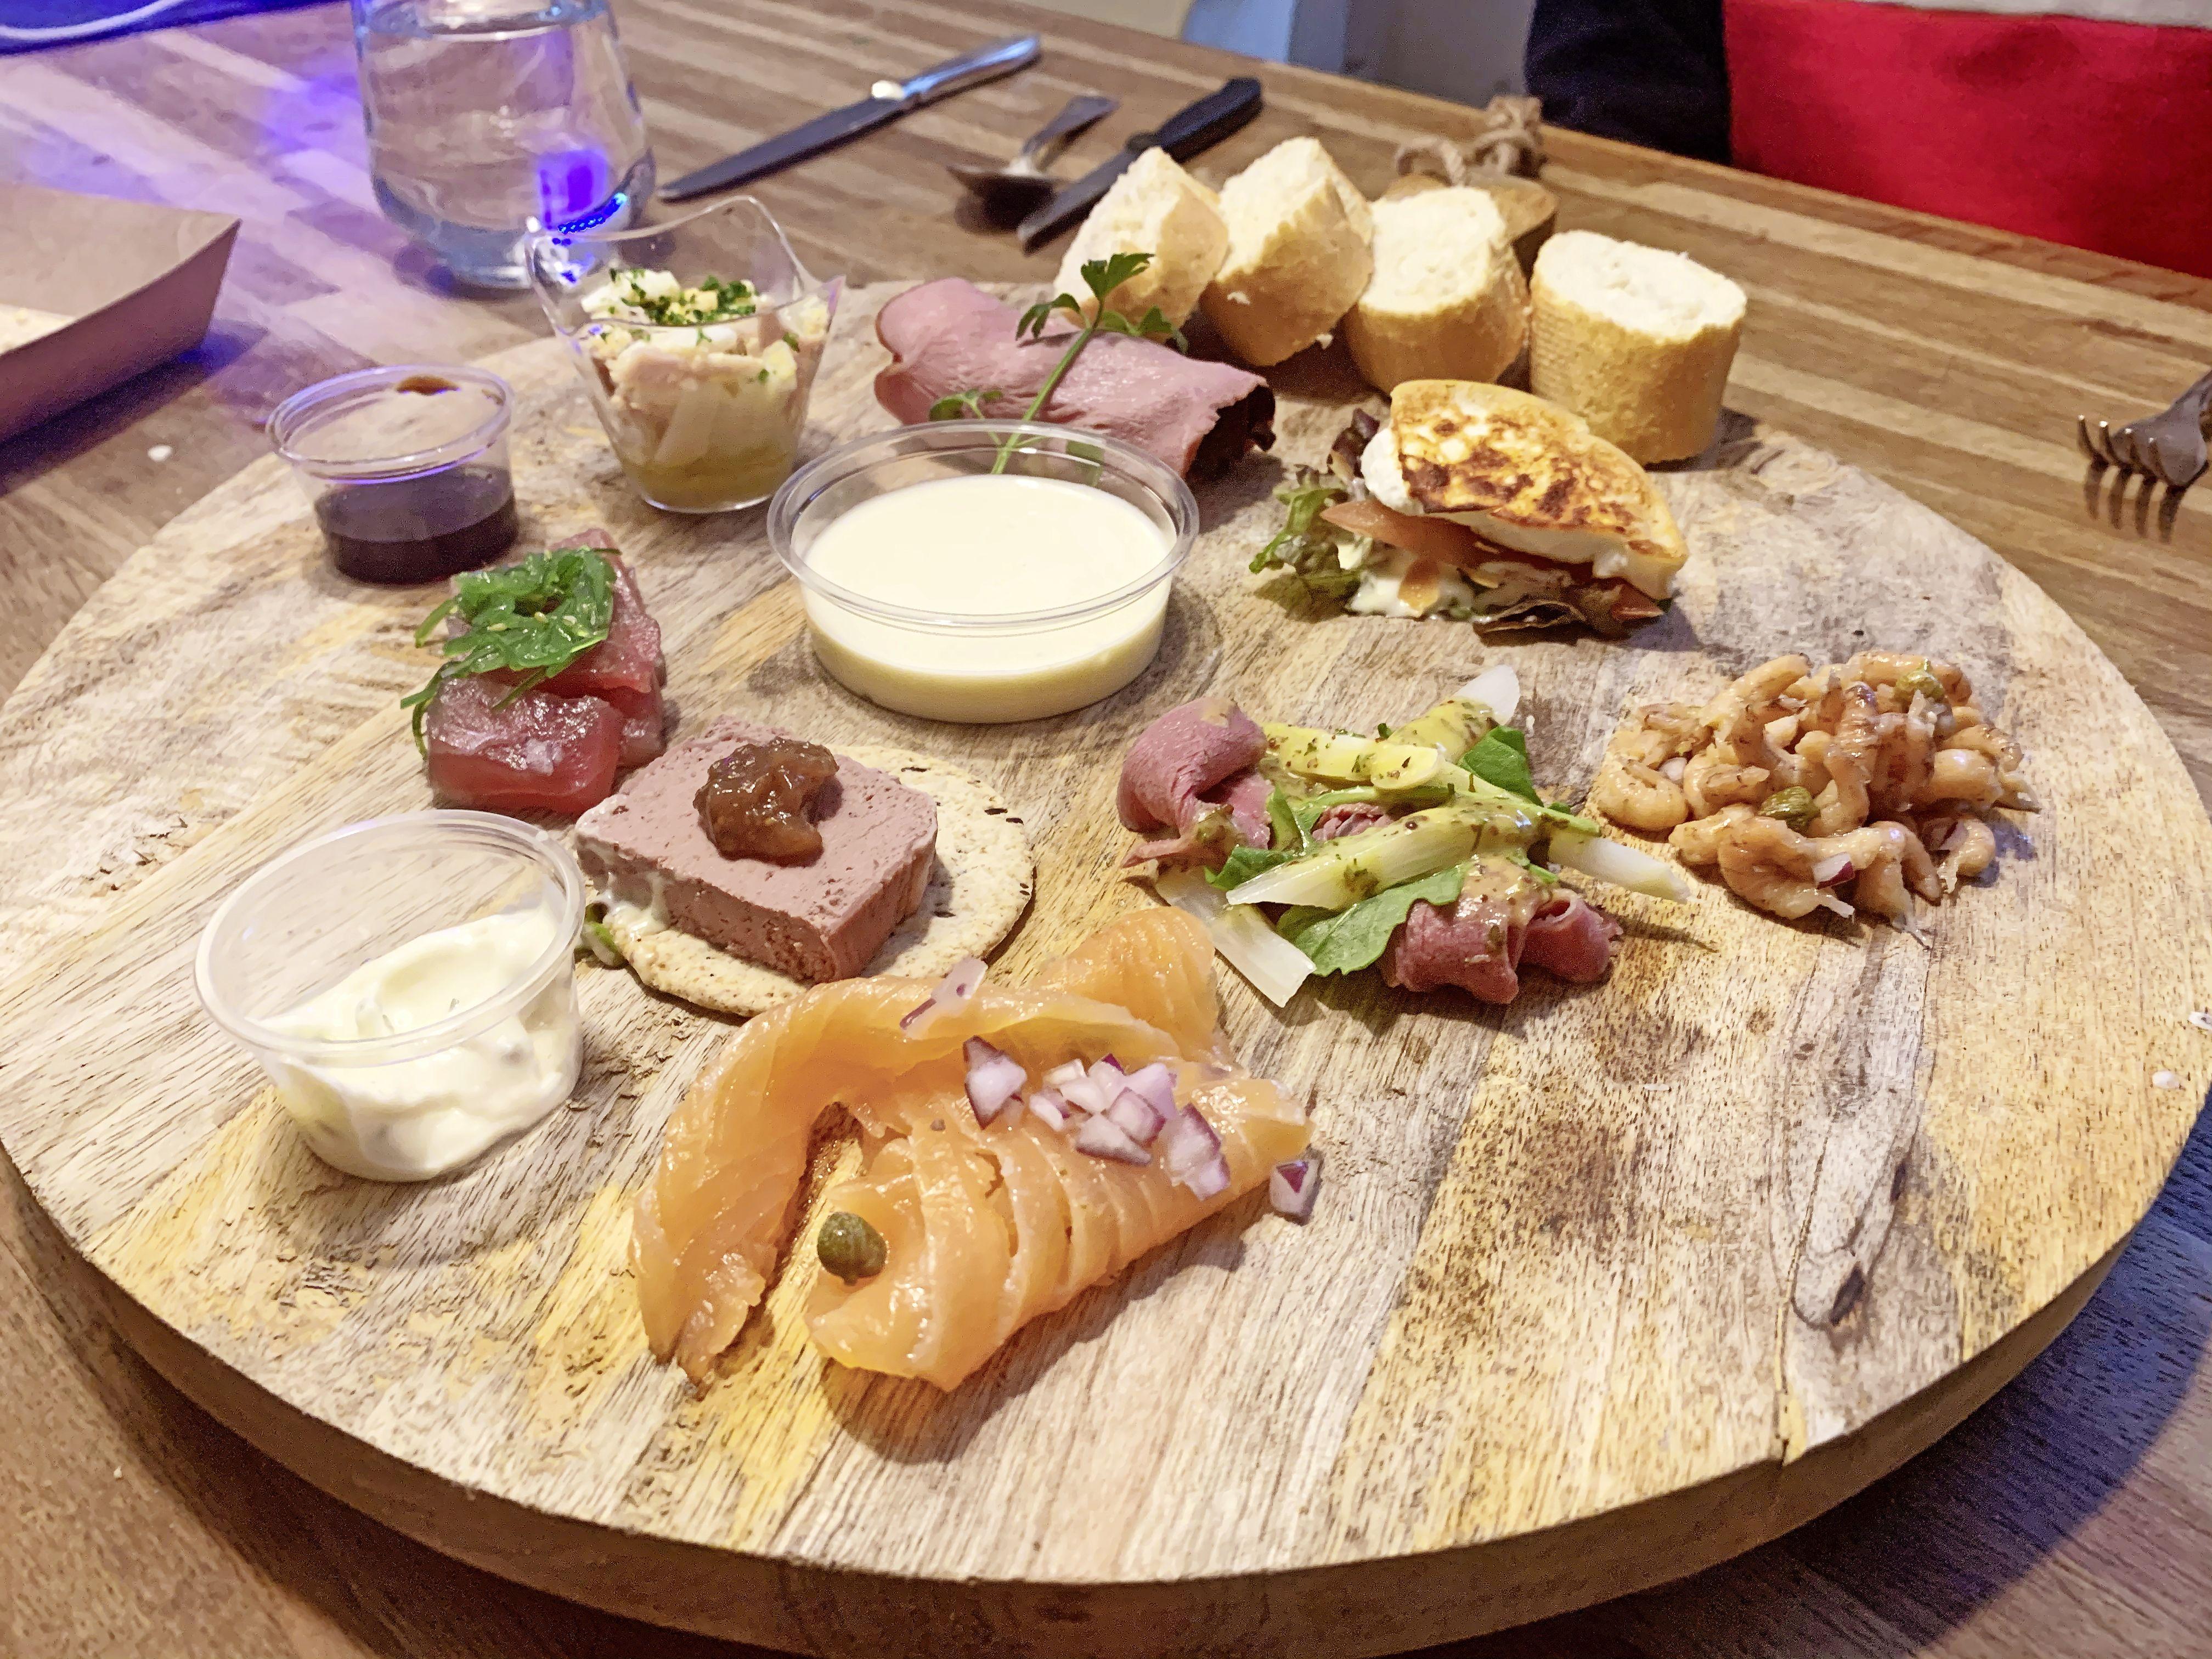 Top tonijn en botermalse kalfssukade. Loosdrechts eetcafé De Eend is gewoon altijd goed. Ook thuis